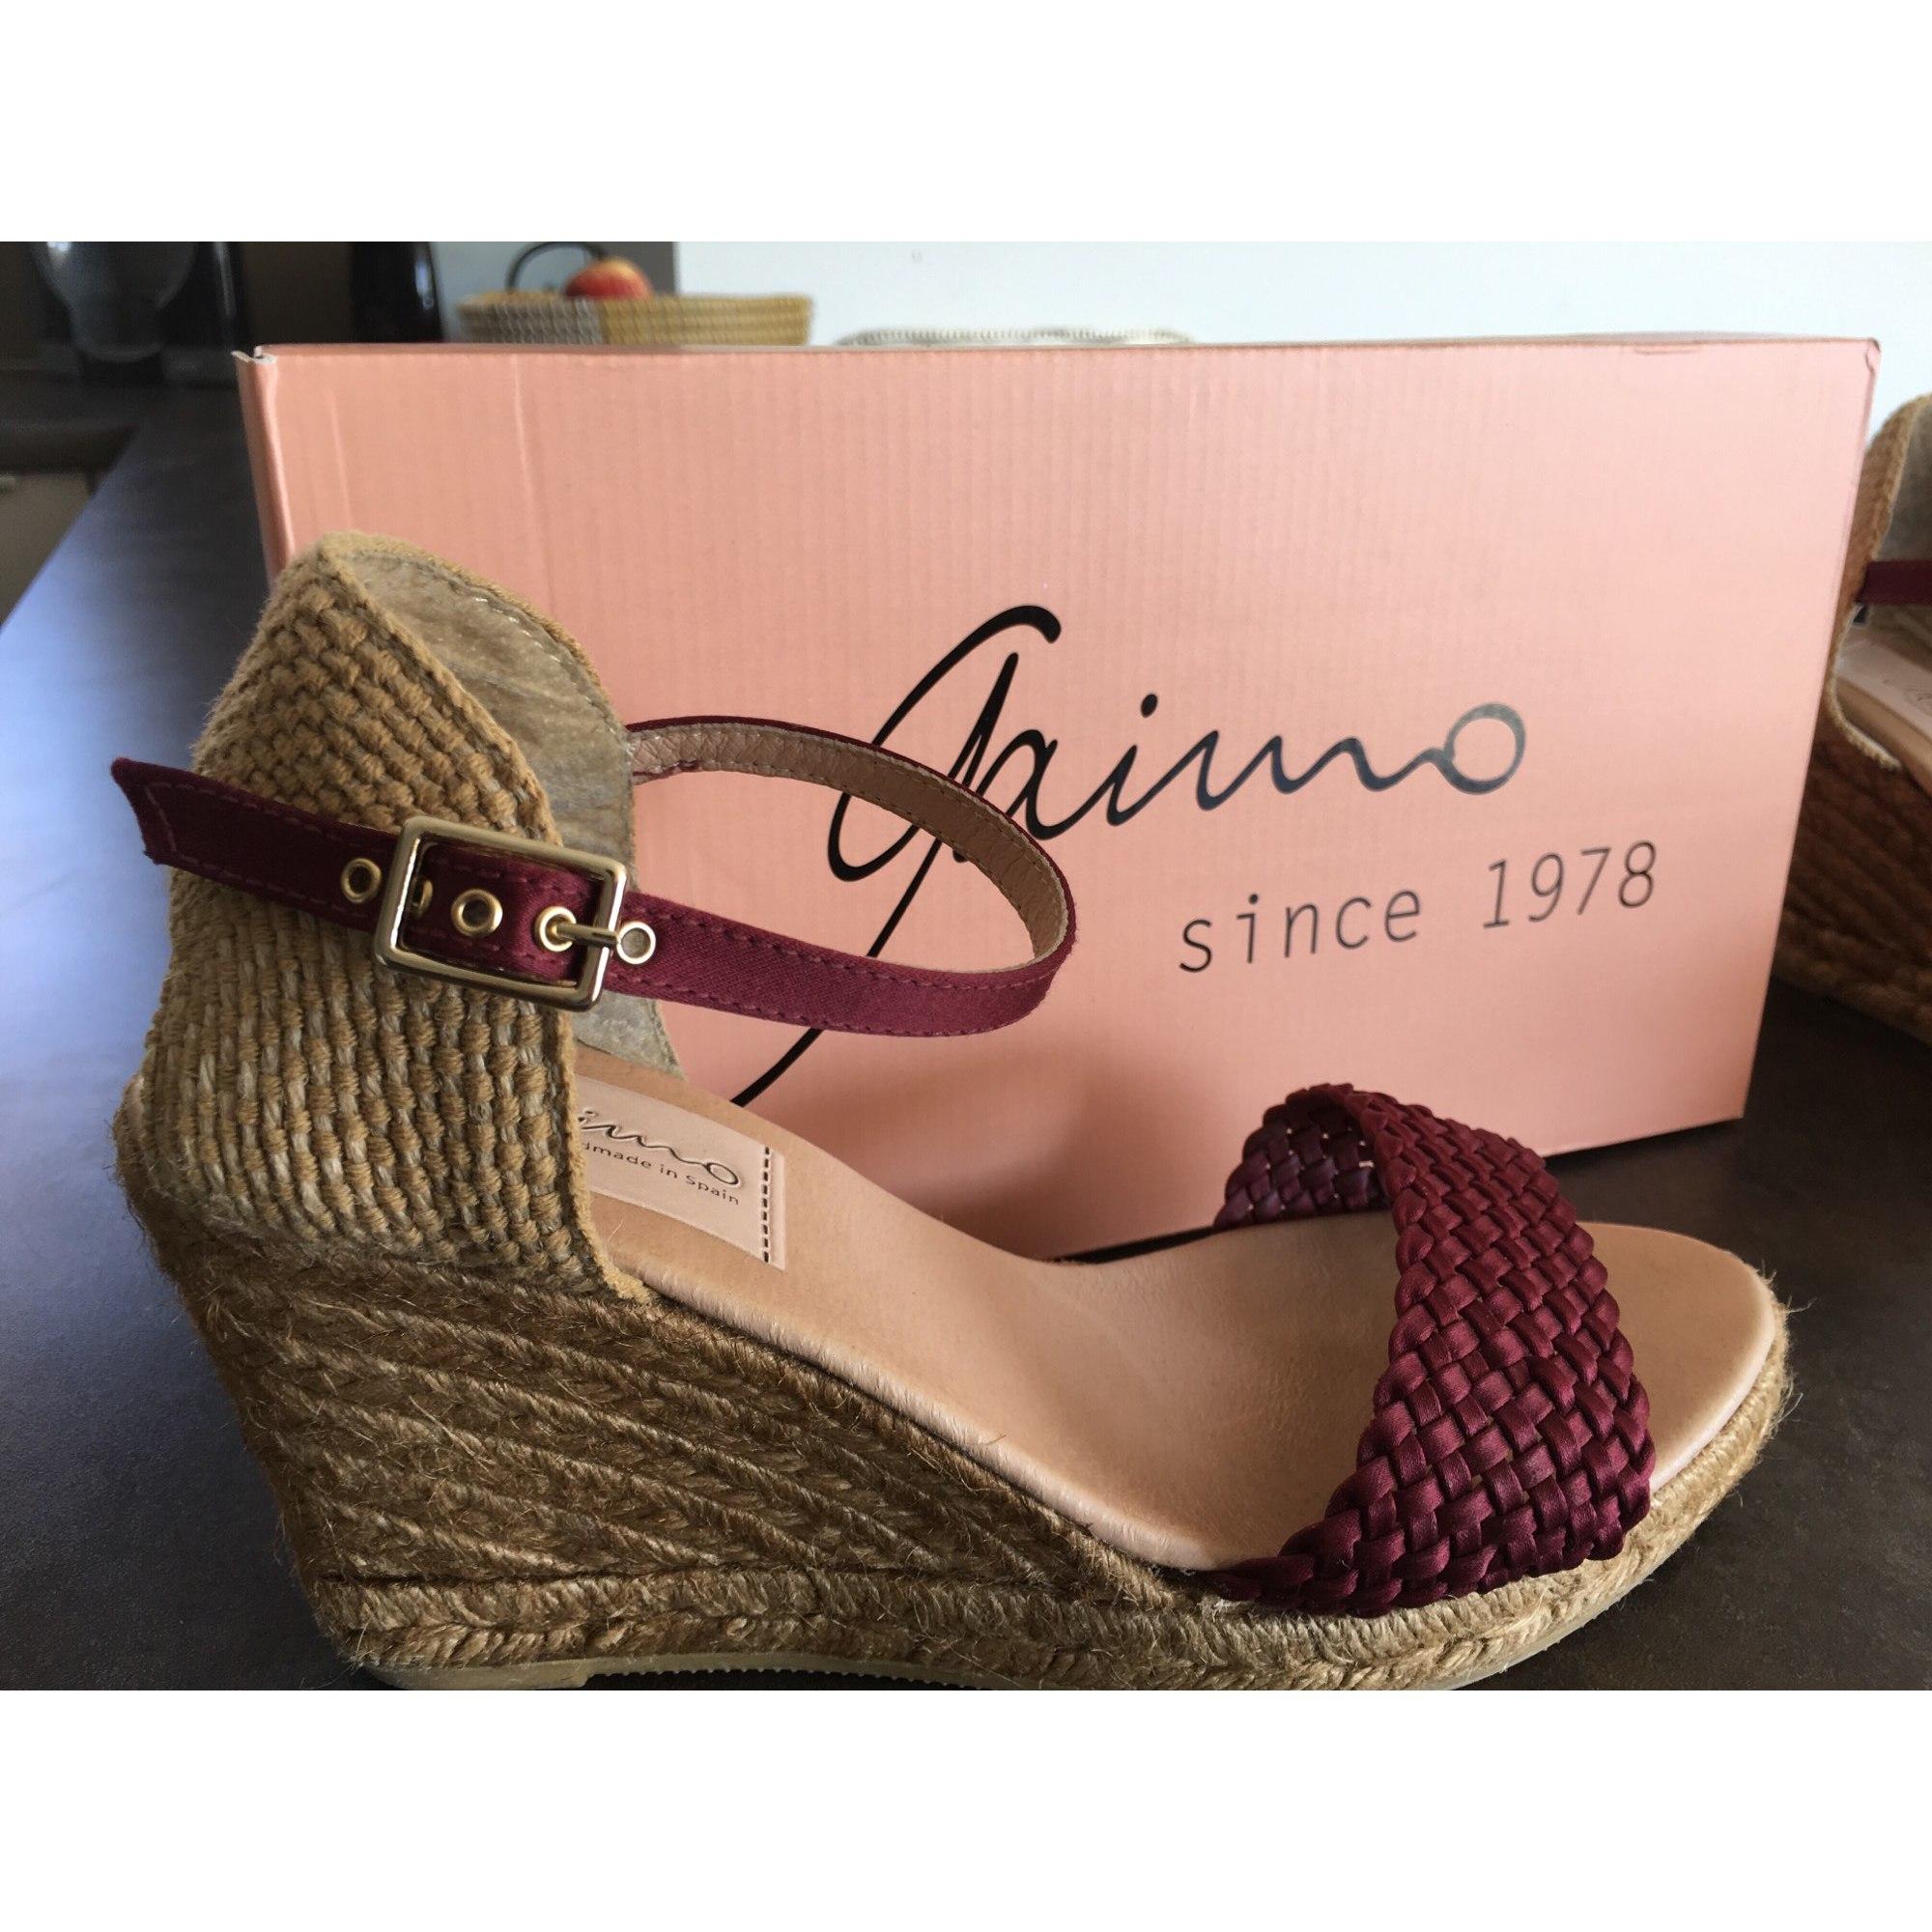 Sandales compensées GAIMO Rouge, bordeaux